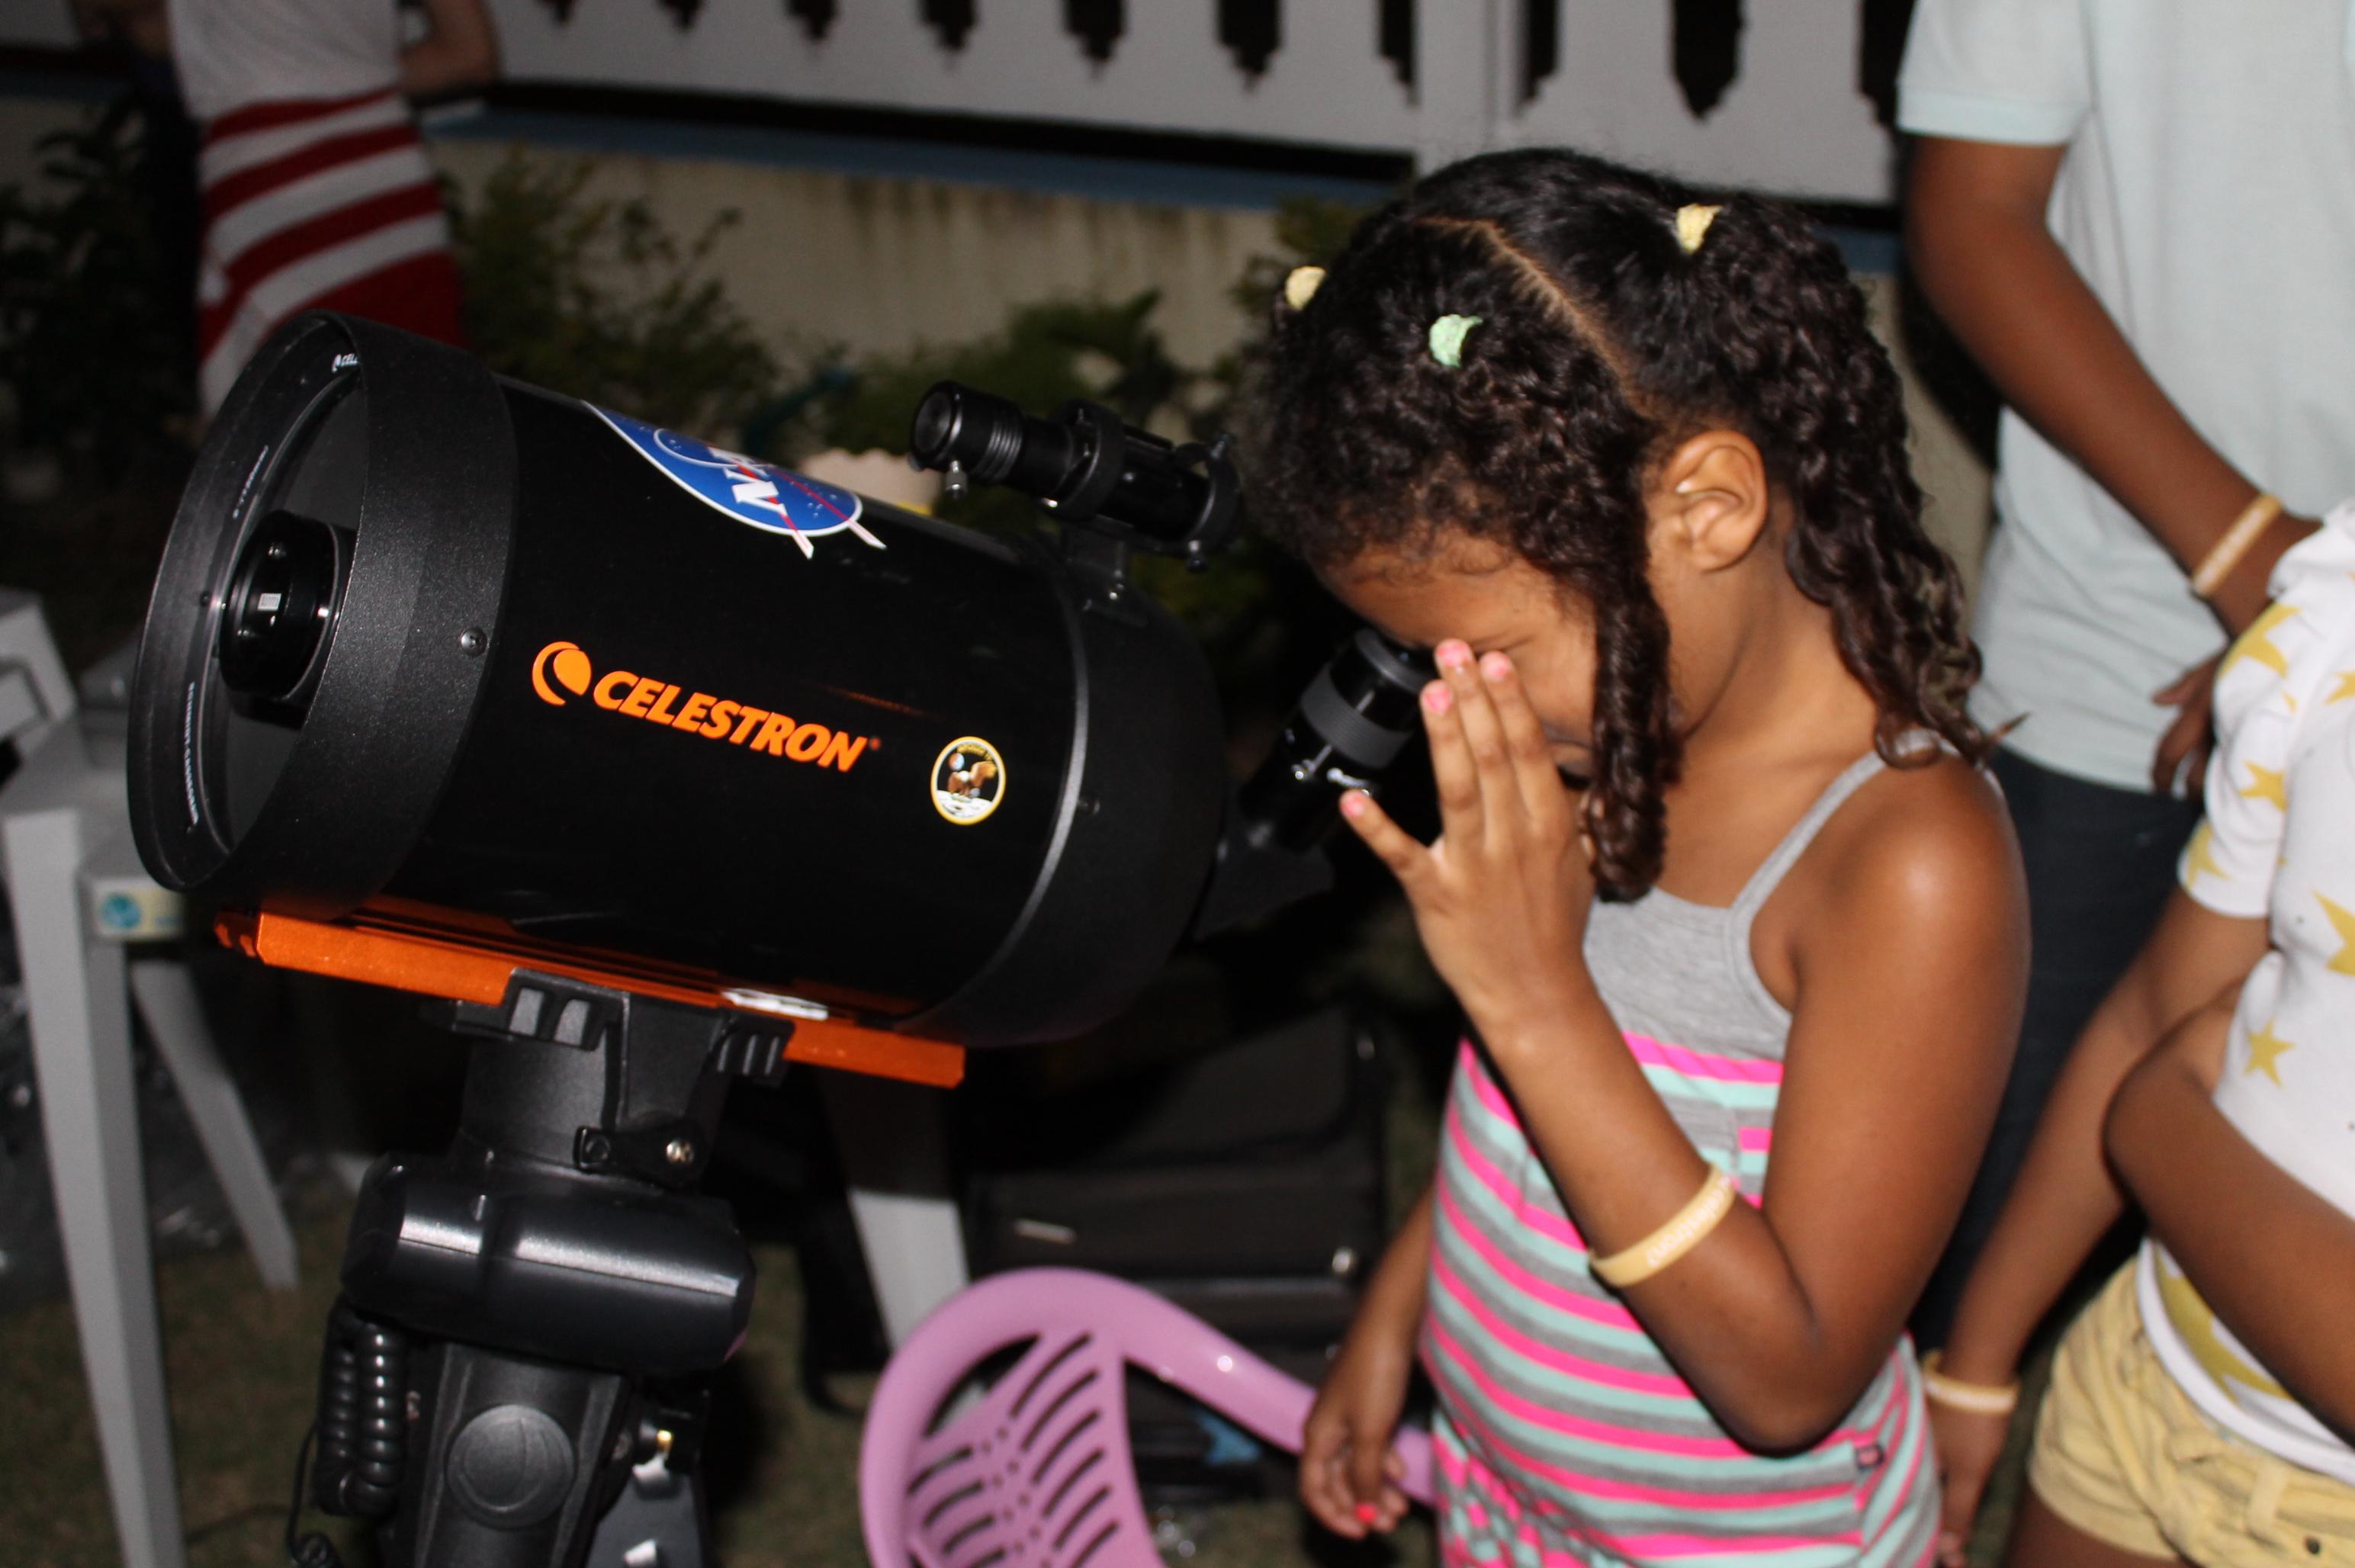 Observatório astronômico itinerante encanta público e pode voltar à Maricá